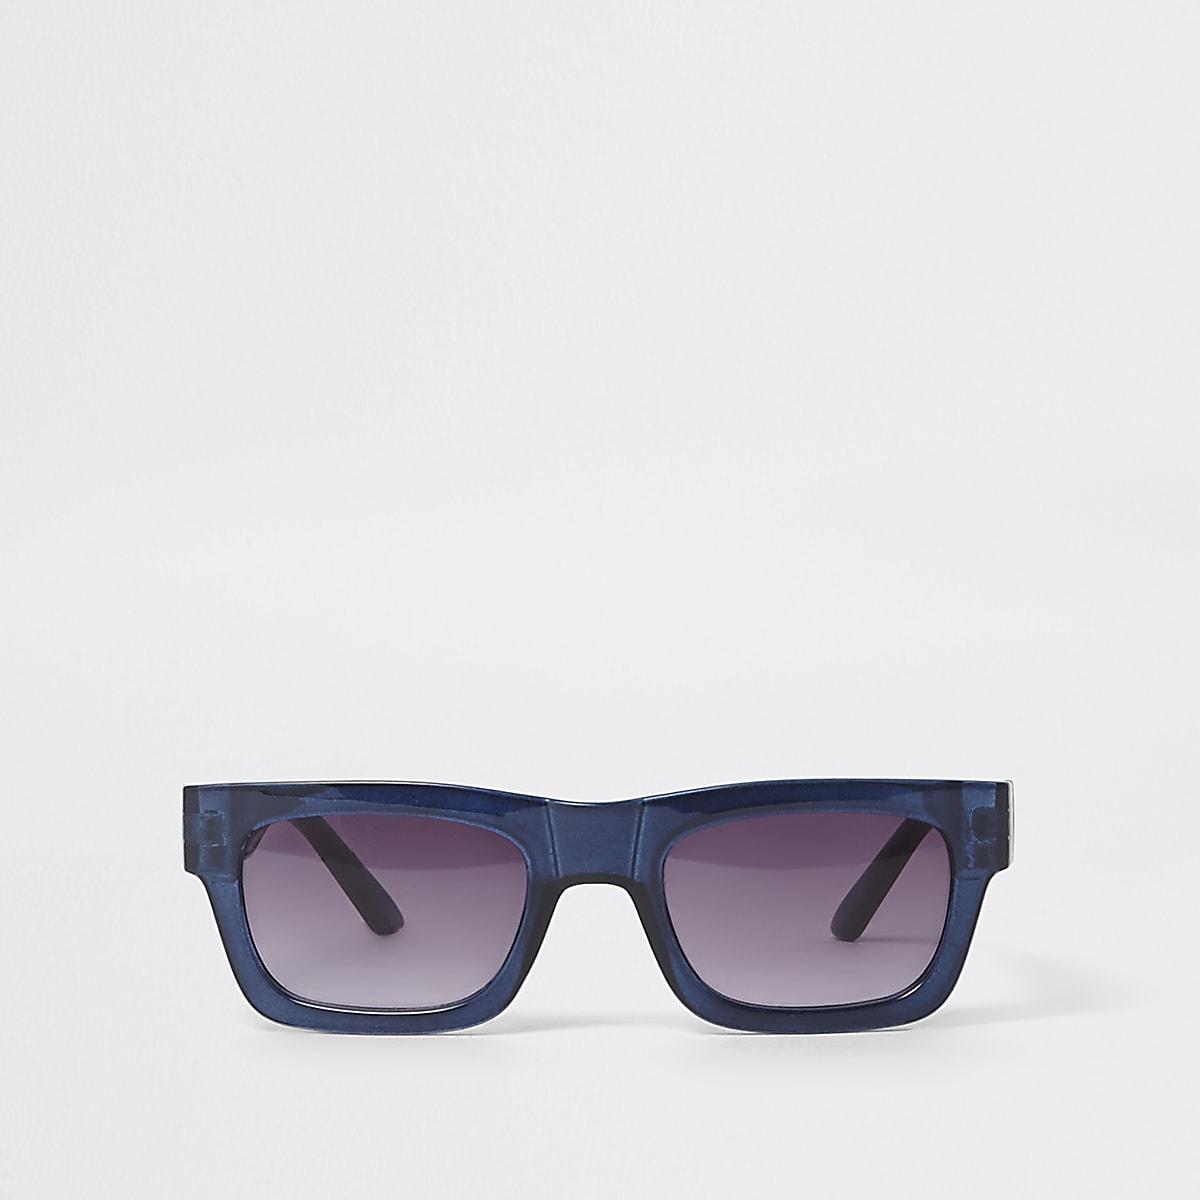 Blue retro smoke lens sunglasses